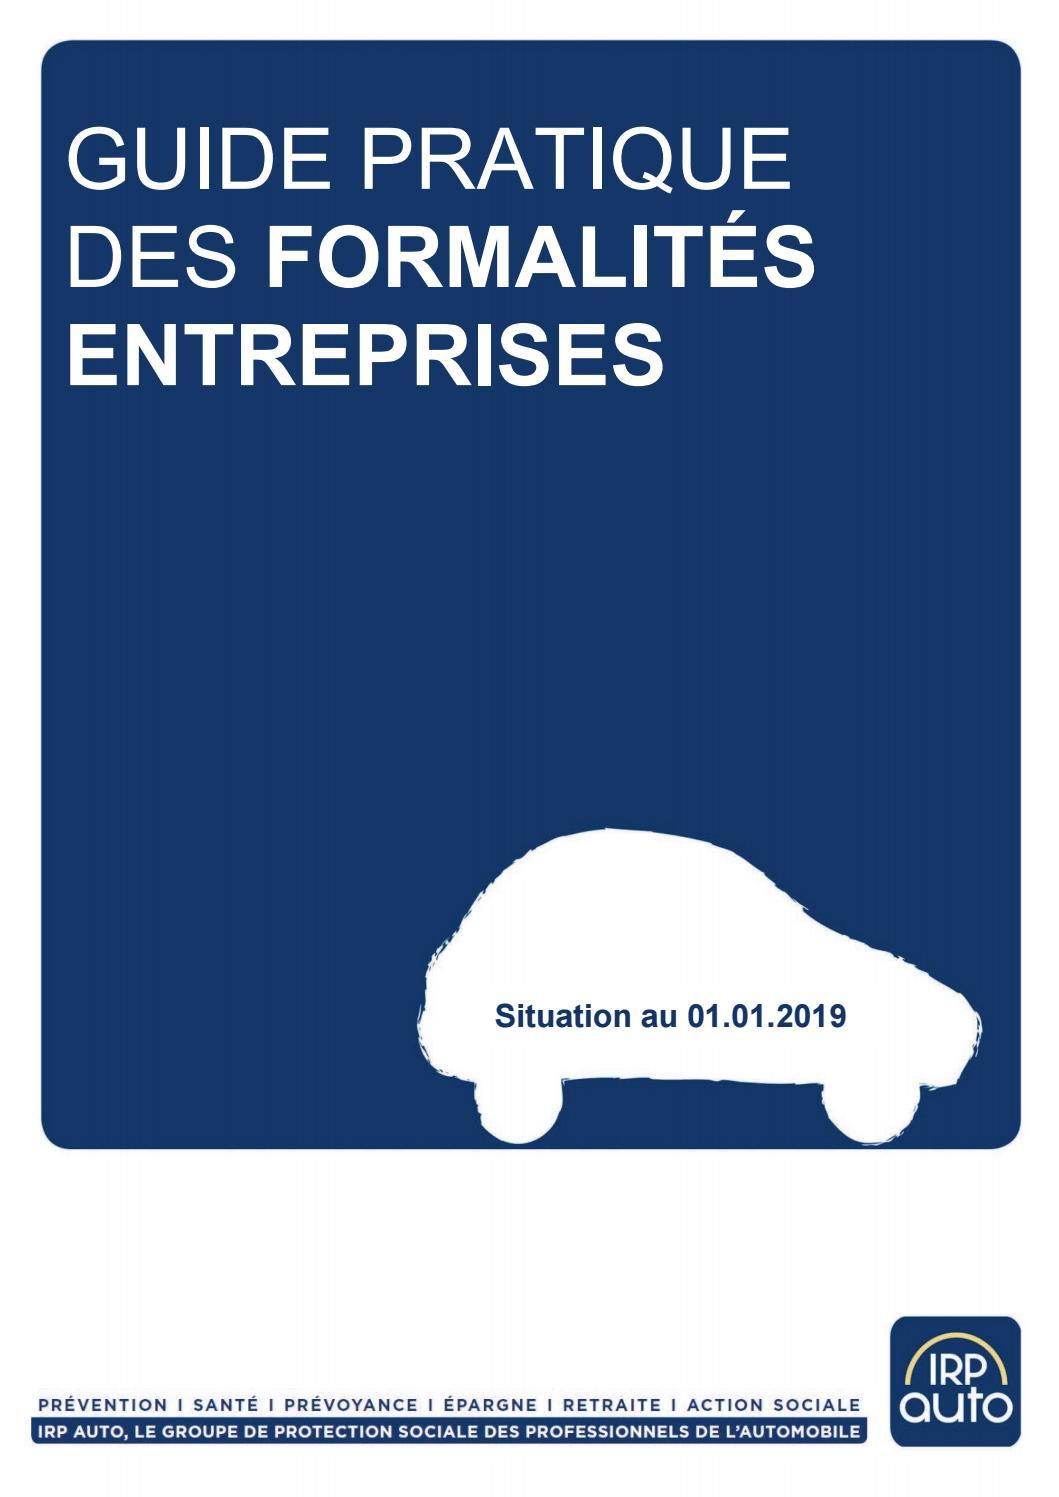 Guide Pratique Des Formalites Entreprises Edition 2019 Irent004 By